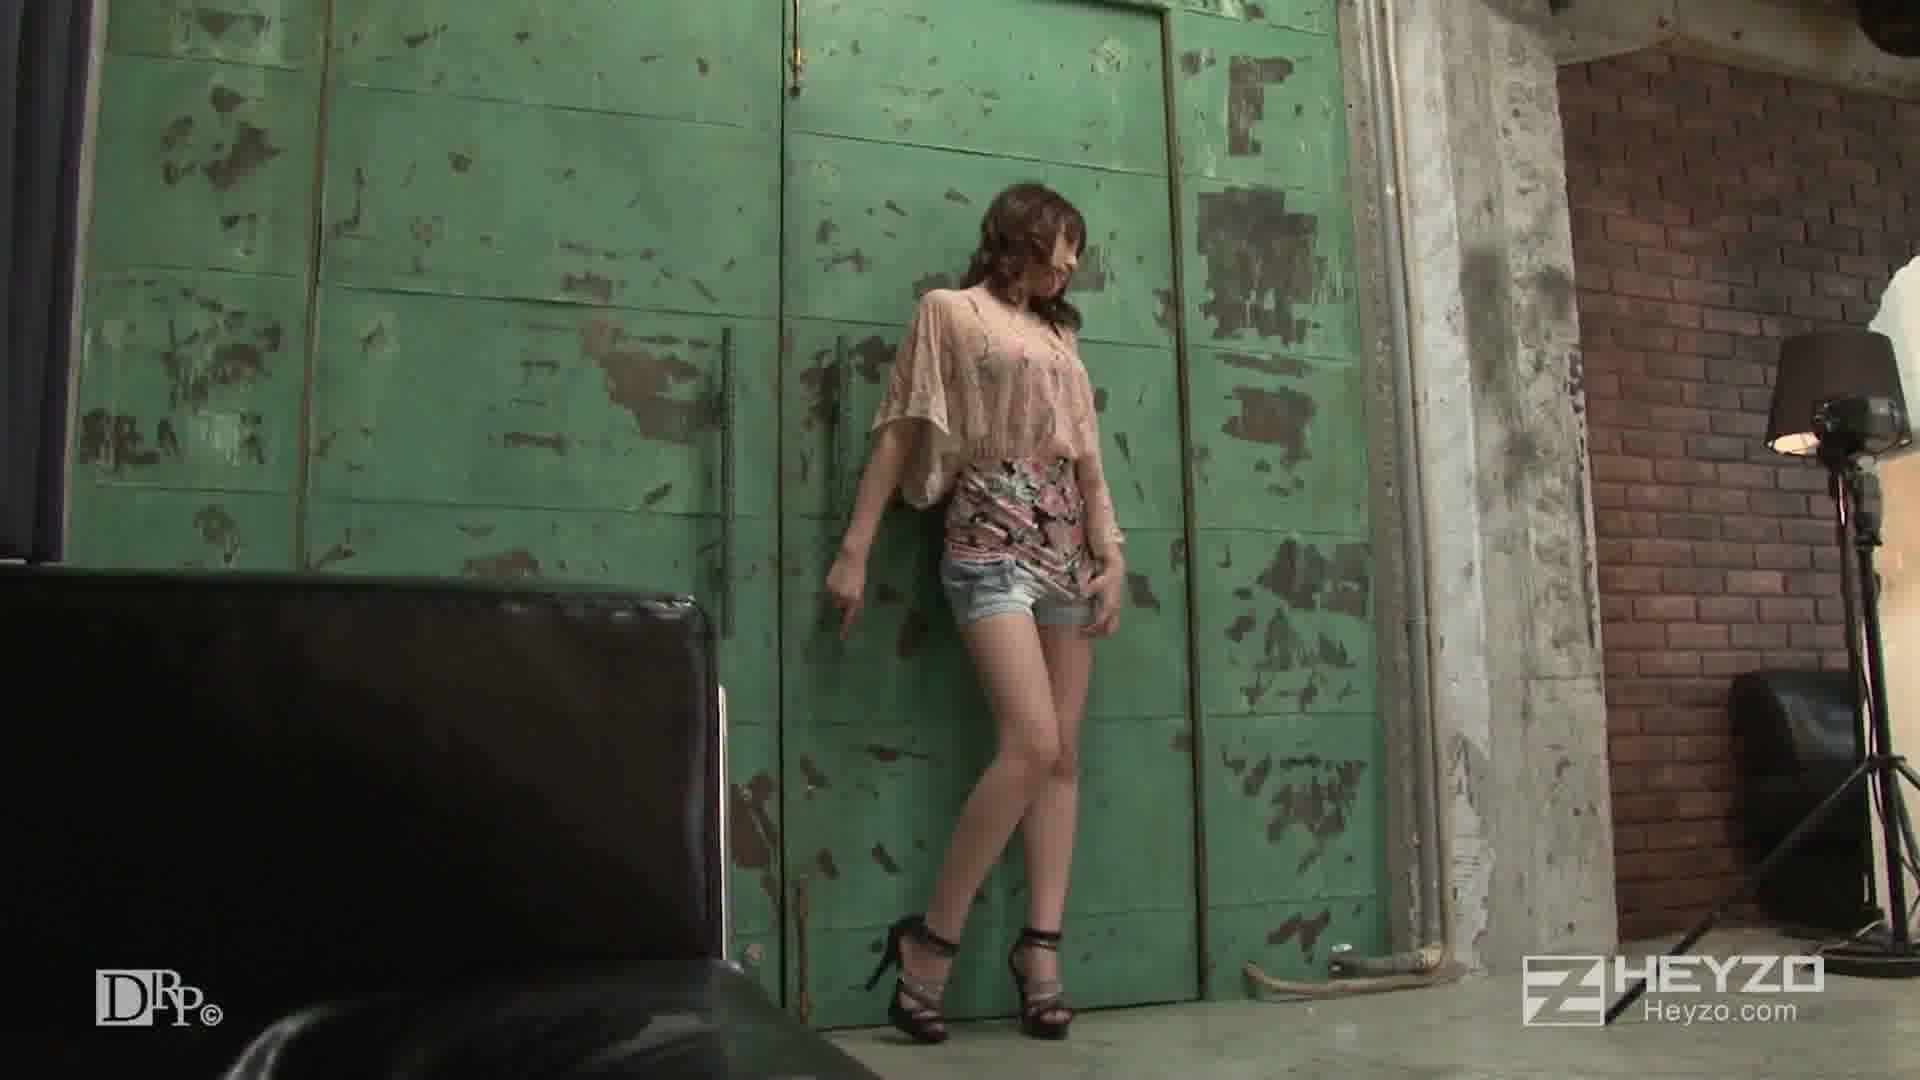 屈辱!ハメられた人気グラビアアイドル~ヤリタイ放題の撮影現場~ - 水澤りの【撮影 オナニー】